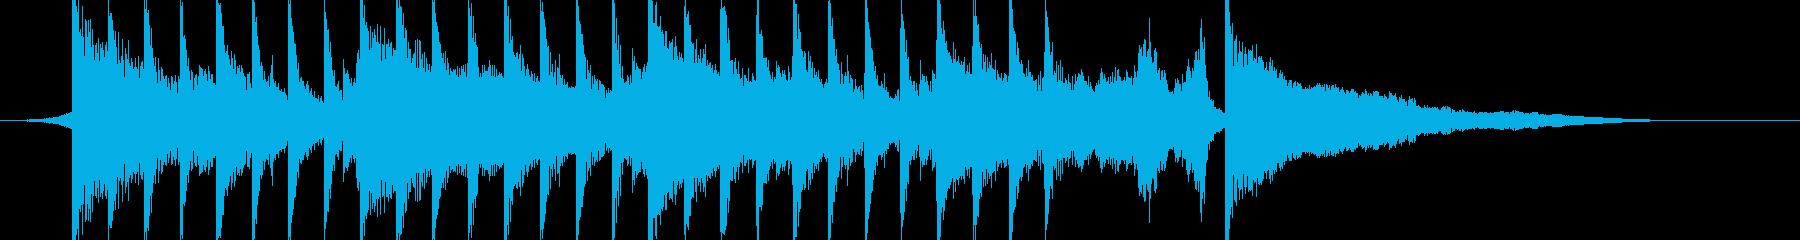 オープニング曲「始まるよ」子供の声入りの再生済みの波形